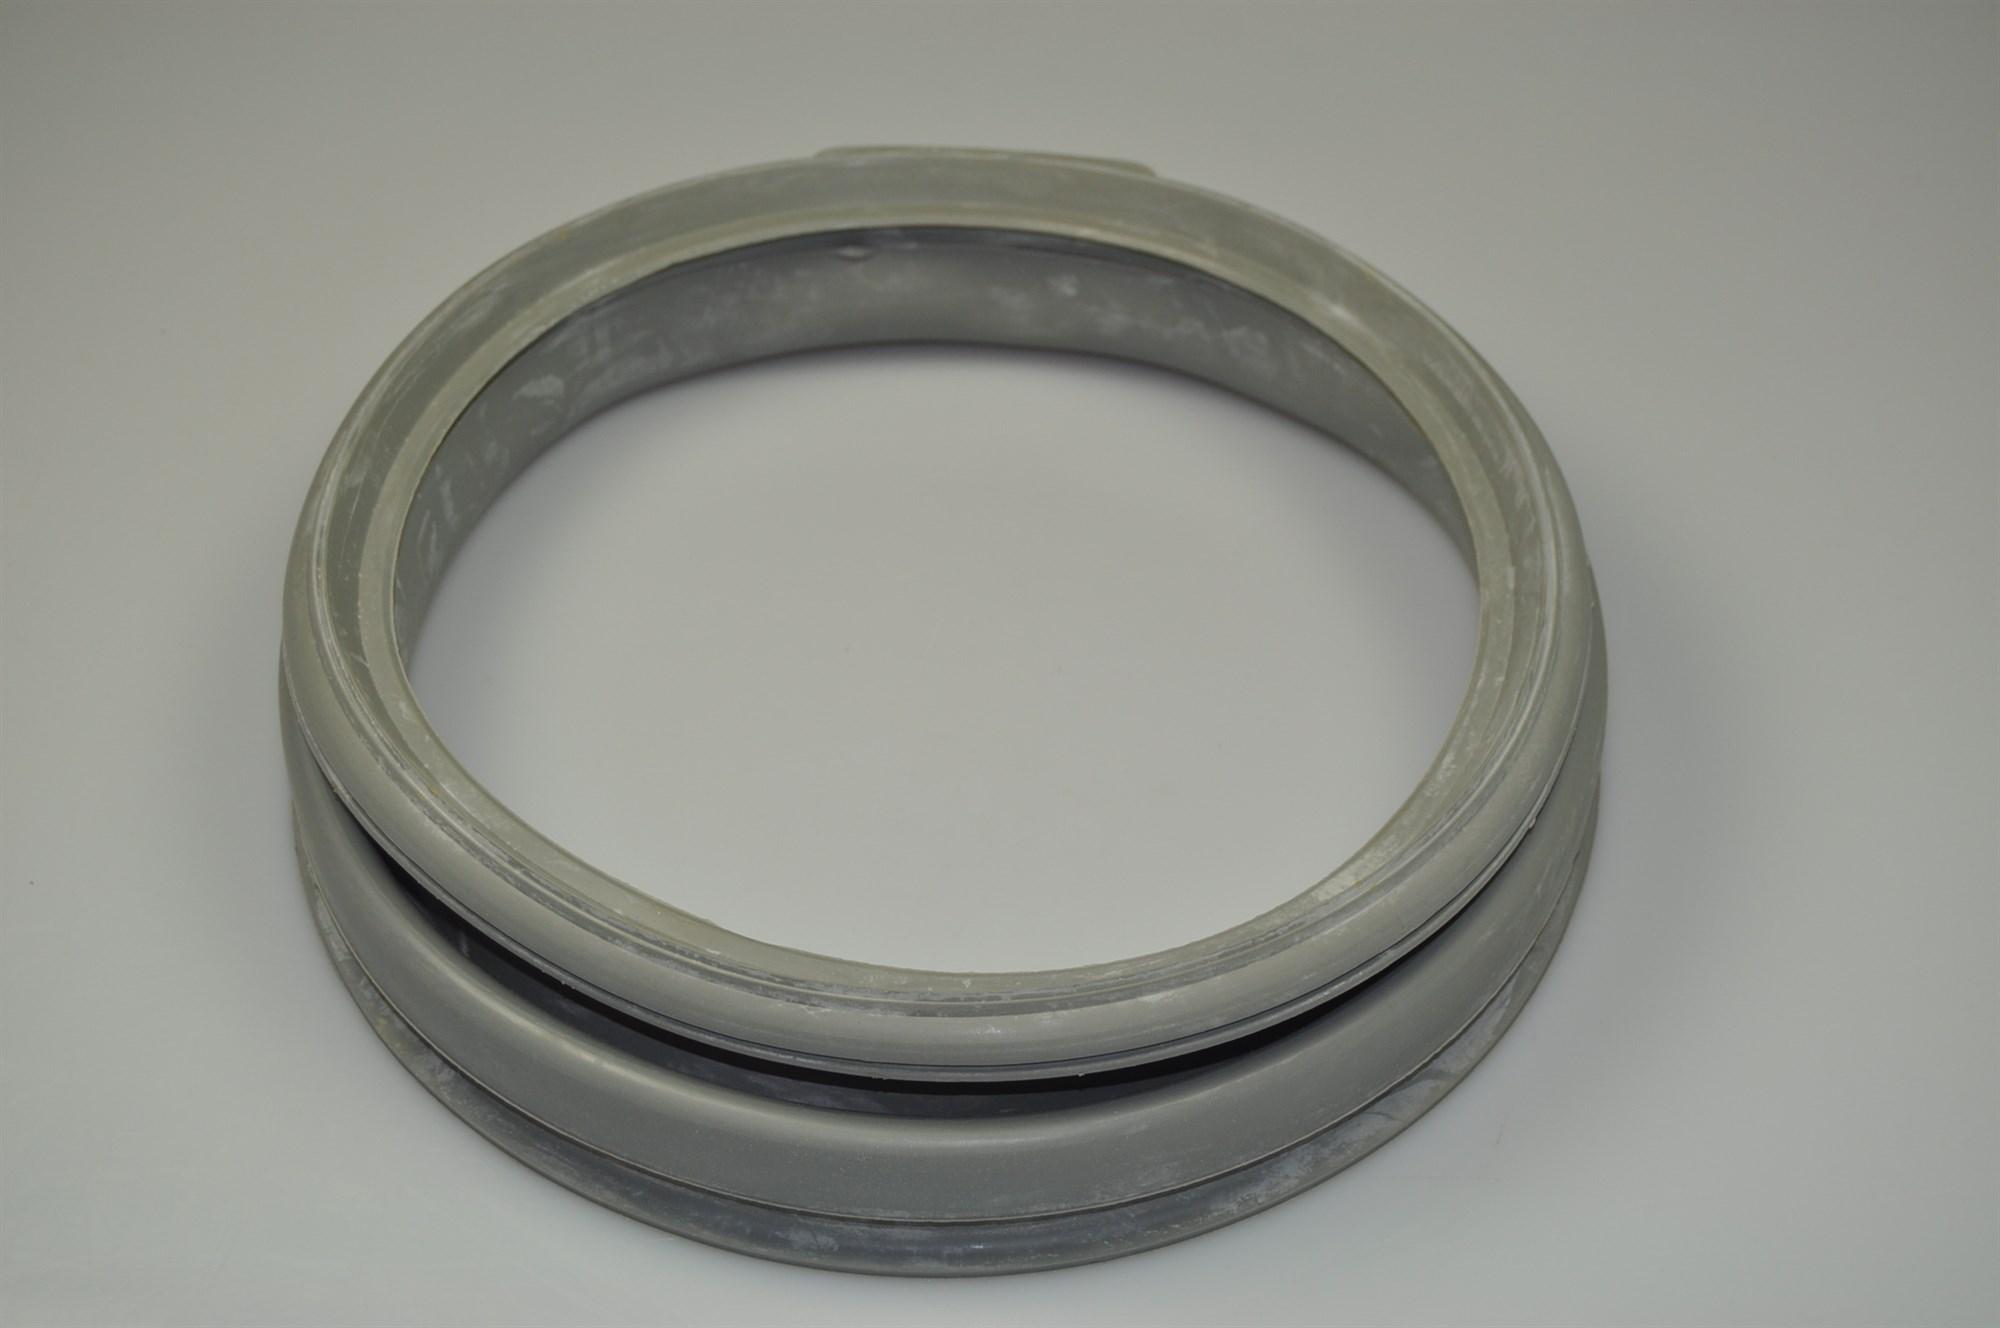 Türmanschette, Gorenje Waschmaschine  Gummi ~ Waschmaschine Gummi Wechseln